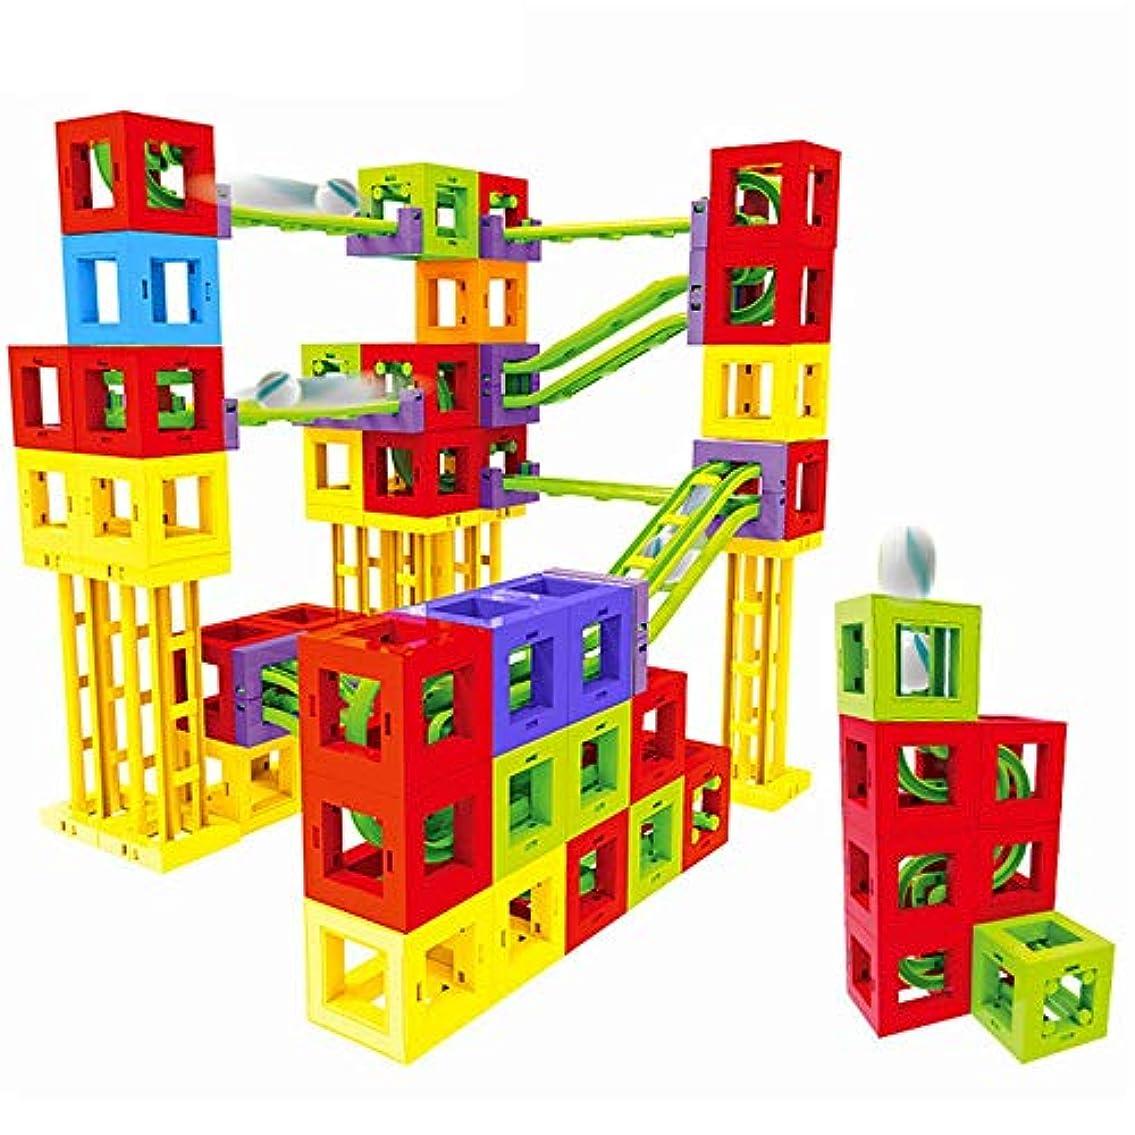 拍車気を散らす植物学者積み木 磁気タイルビルディングブロックのおもちゃ教育玩具、磁気の建物のタイルセットのための就学前の幼児 こども誕生日 プレゼント (Color : Multi-colored, Size : 73PCS)